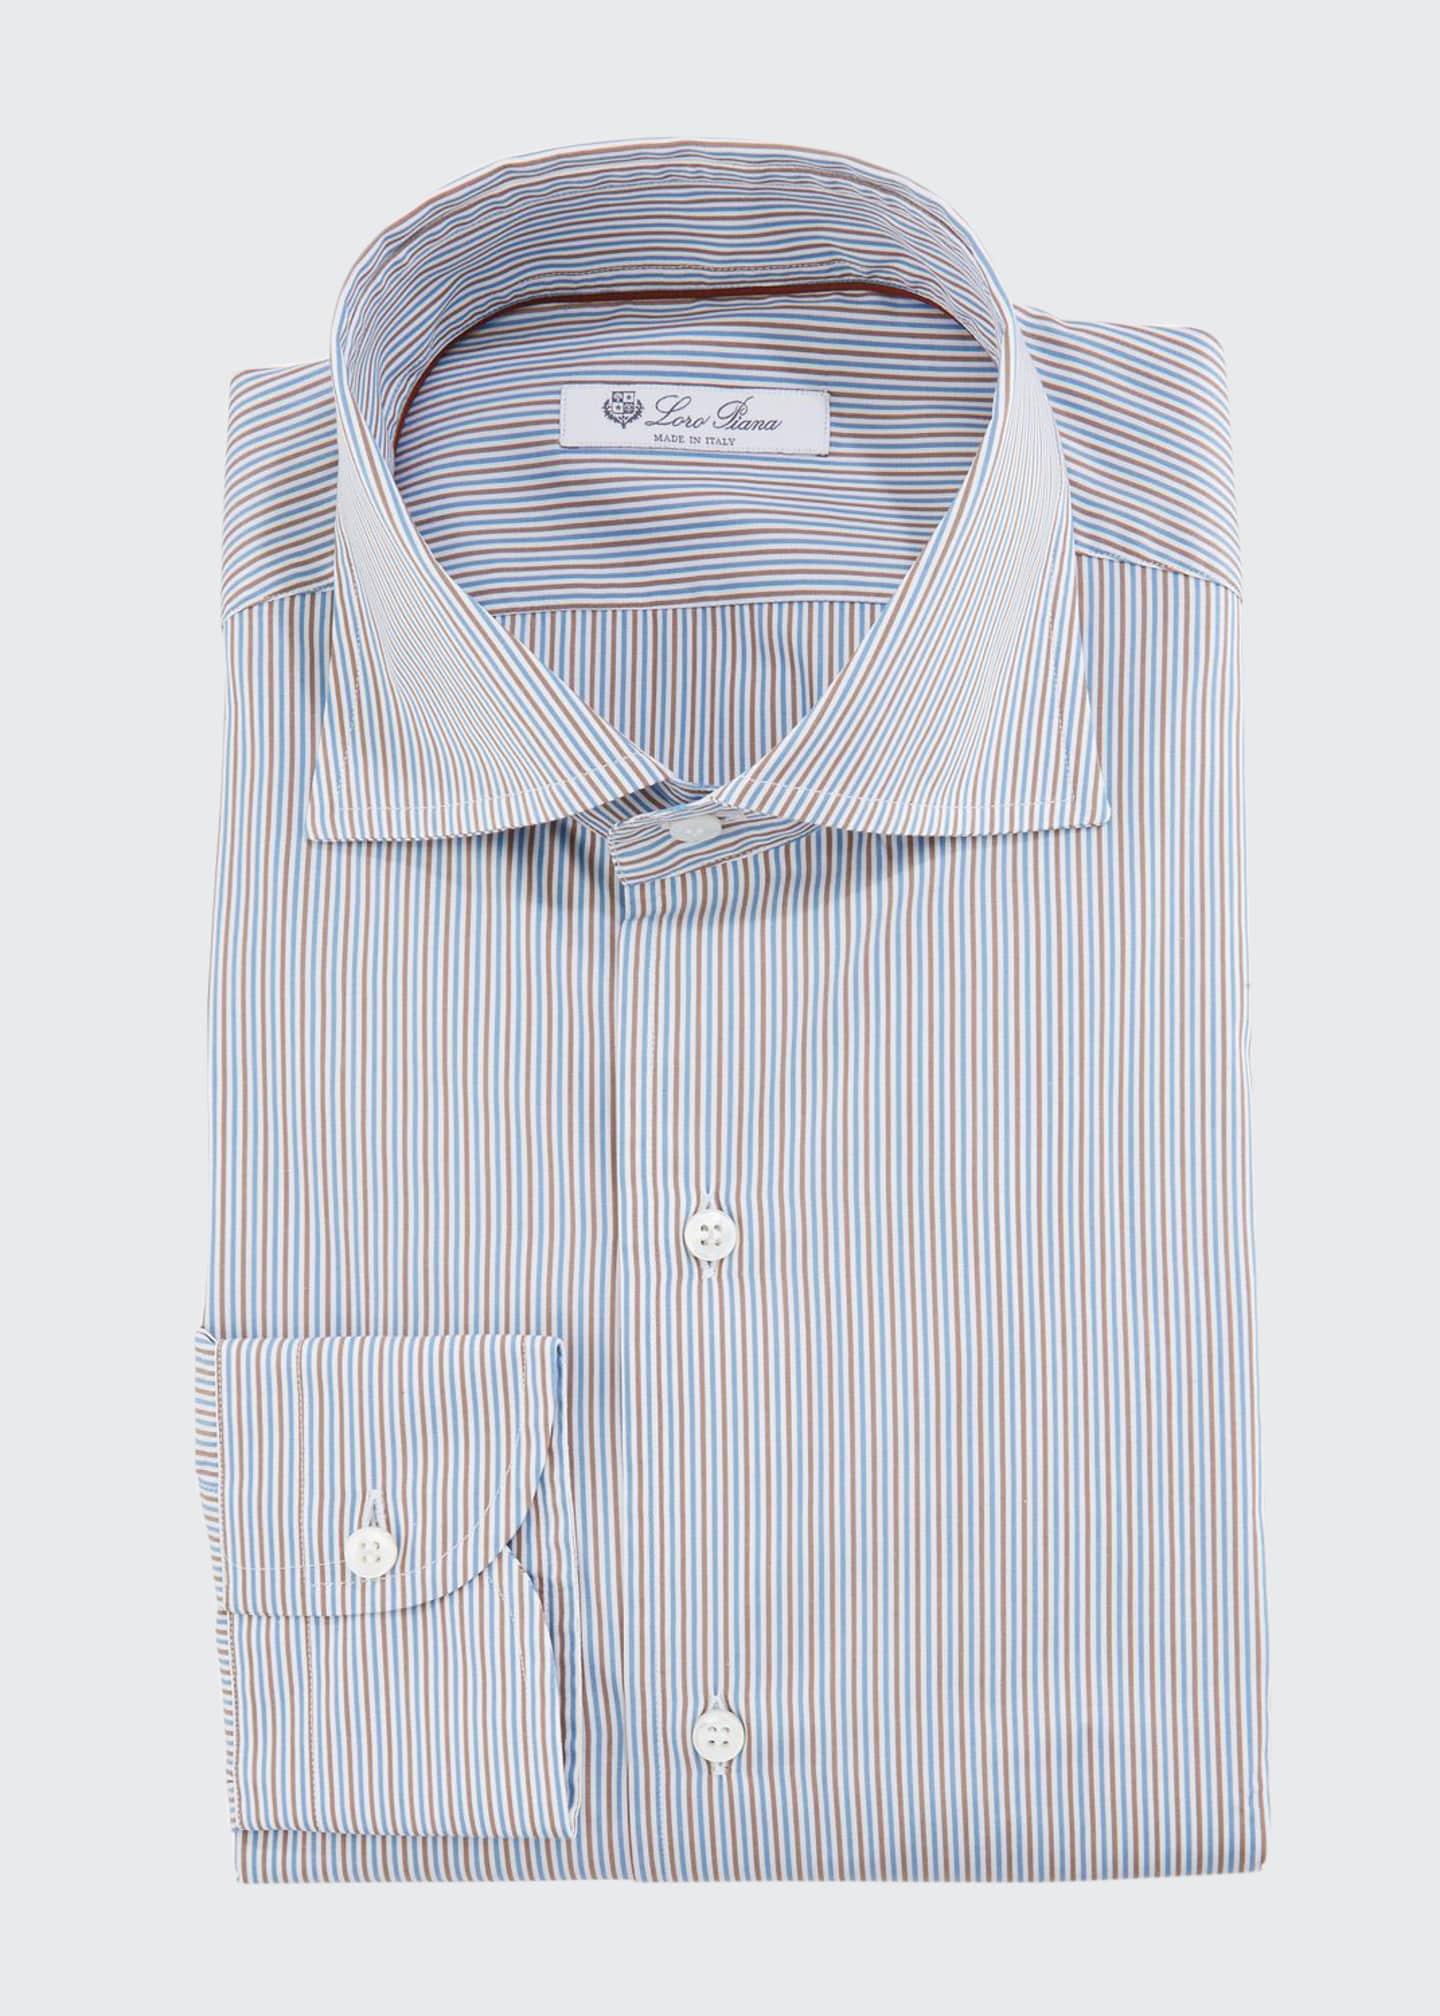 Loro Piana Men's Striped Slim-Fit Dress Shirt